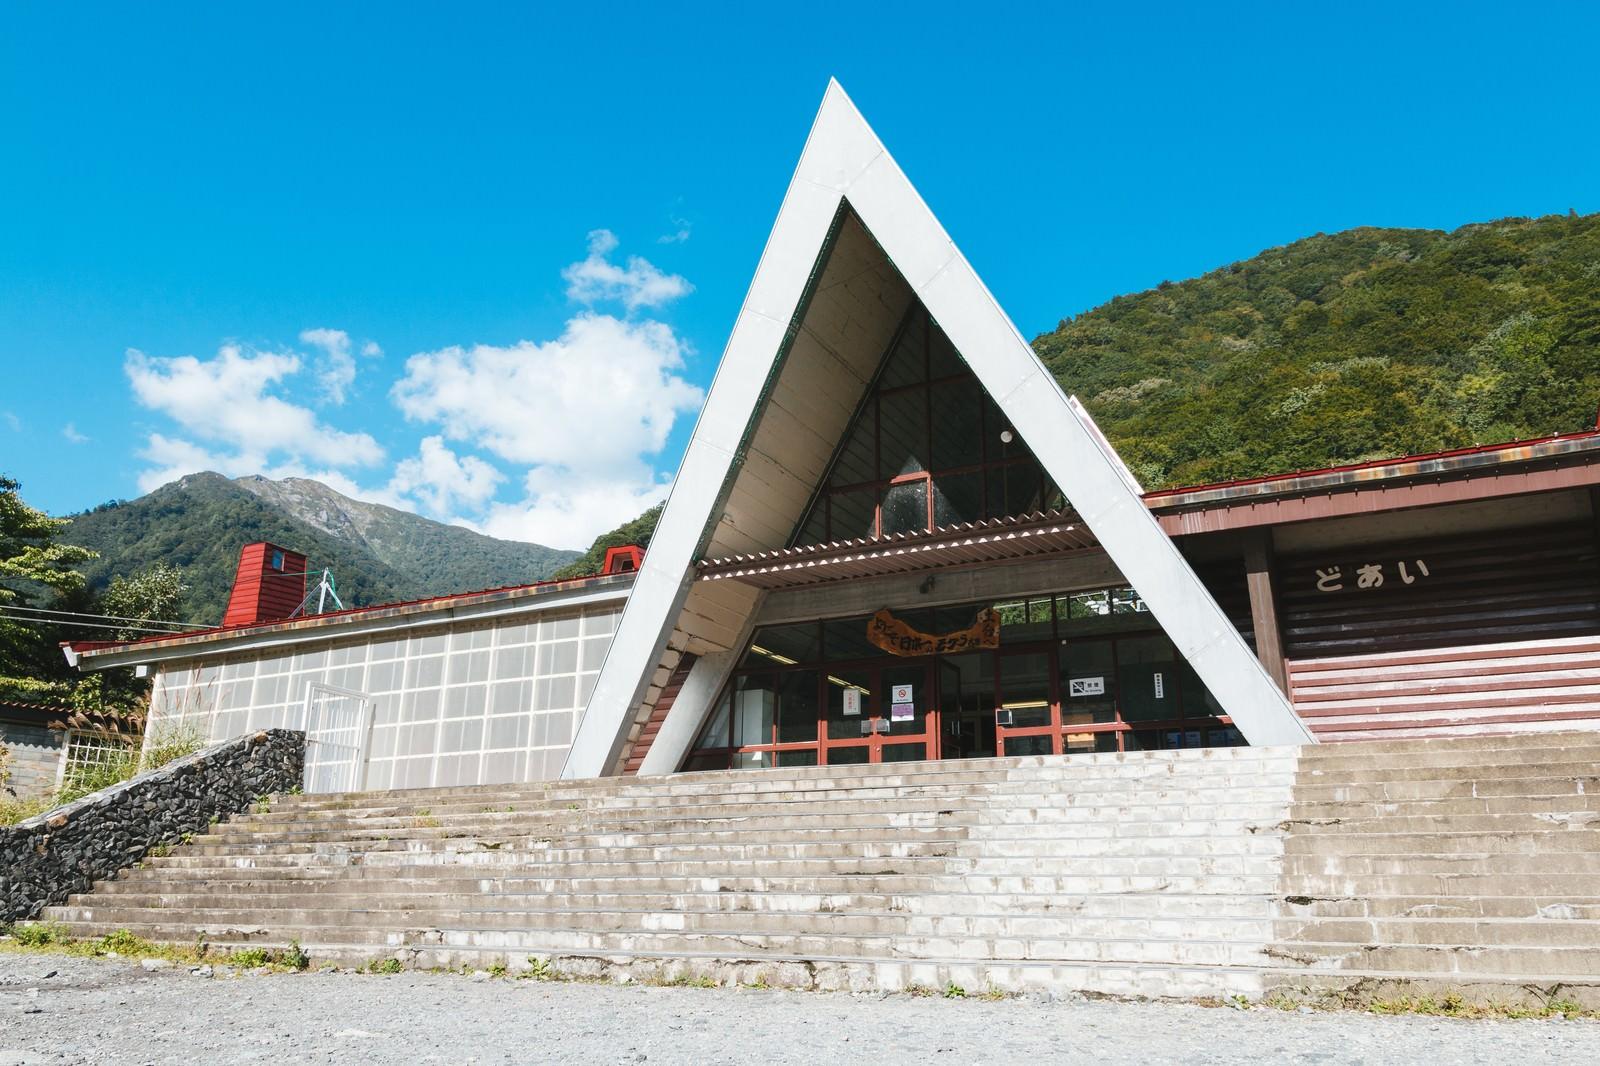 「土合駅舎(どあいえき)」の写真